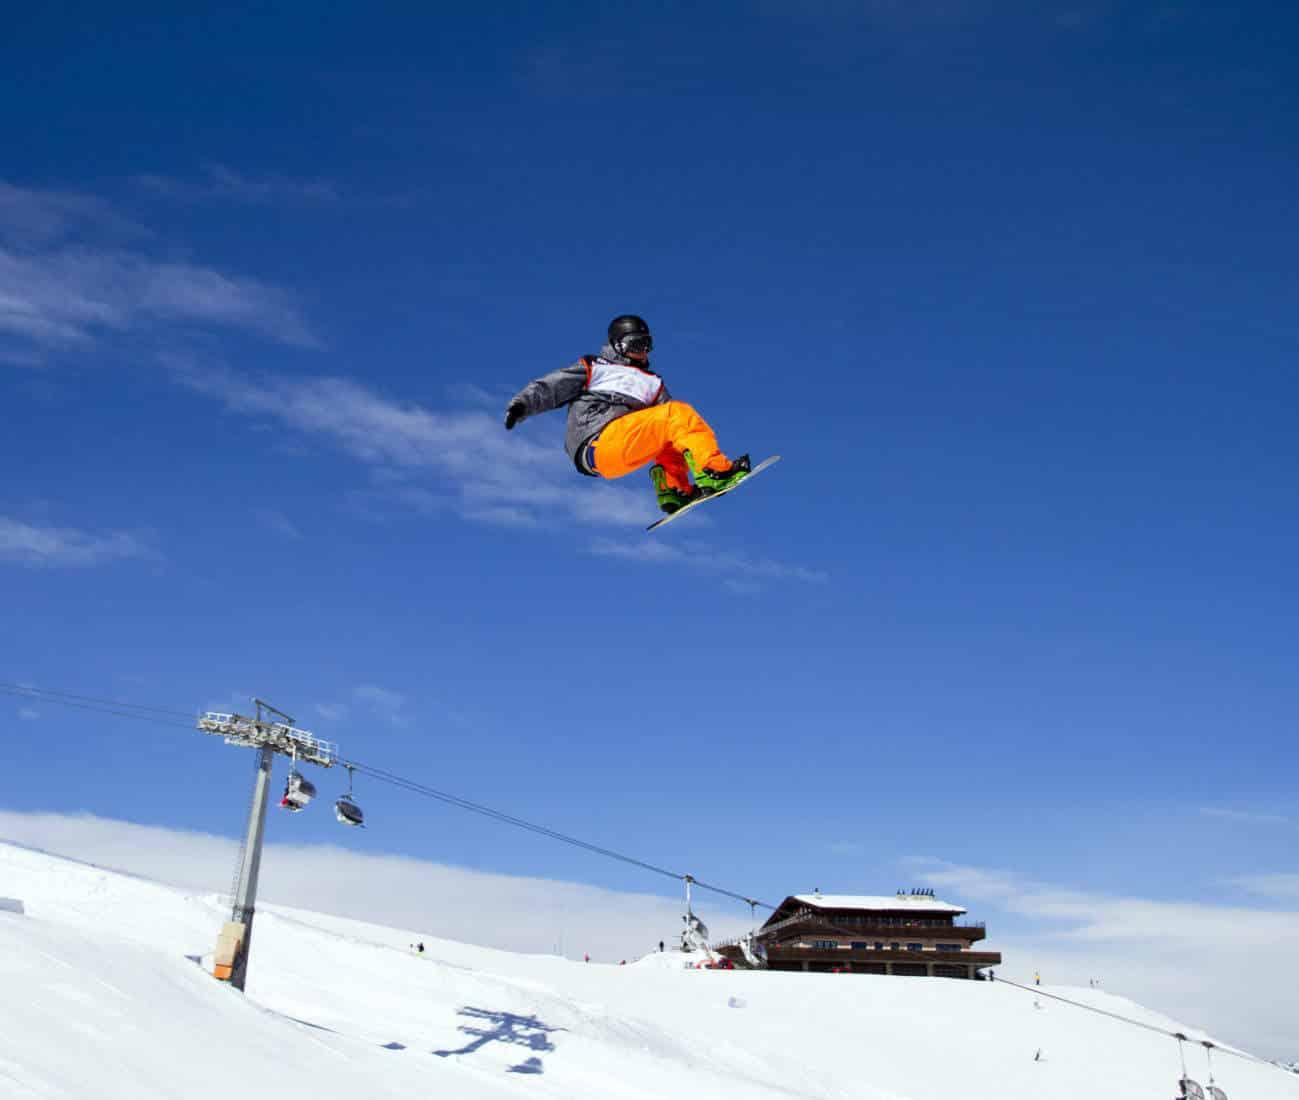 Livigno Snowboard jump